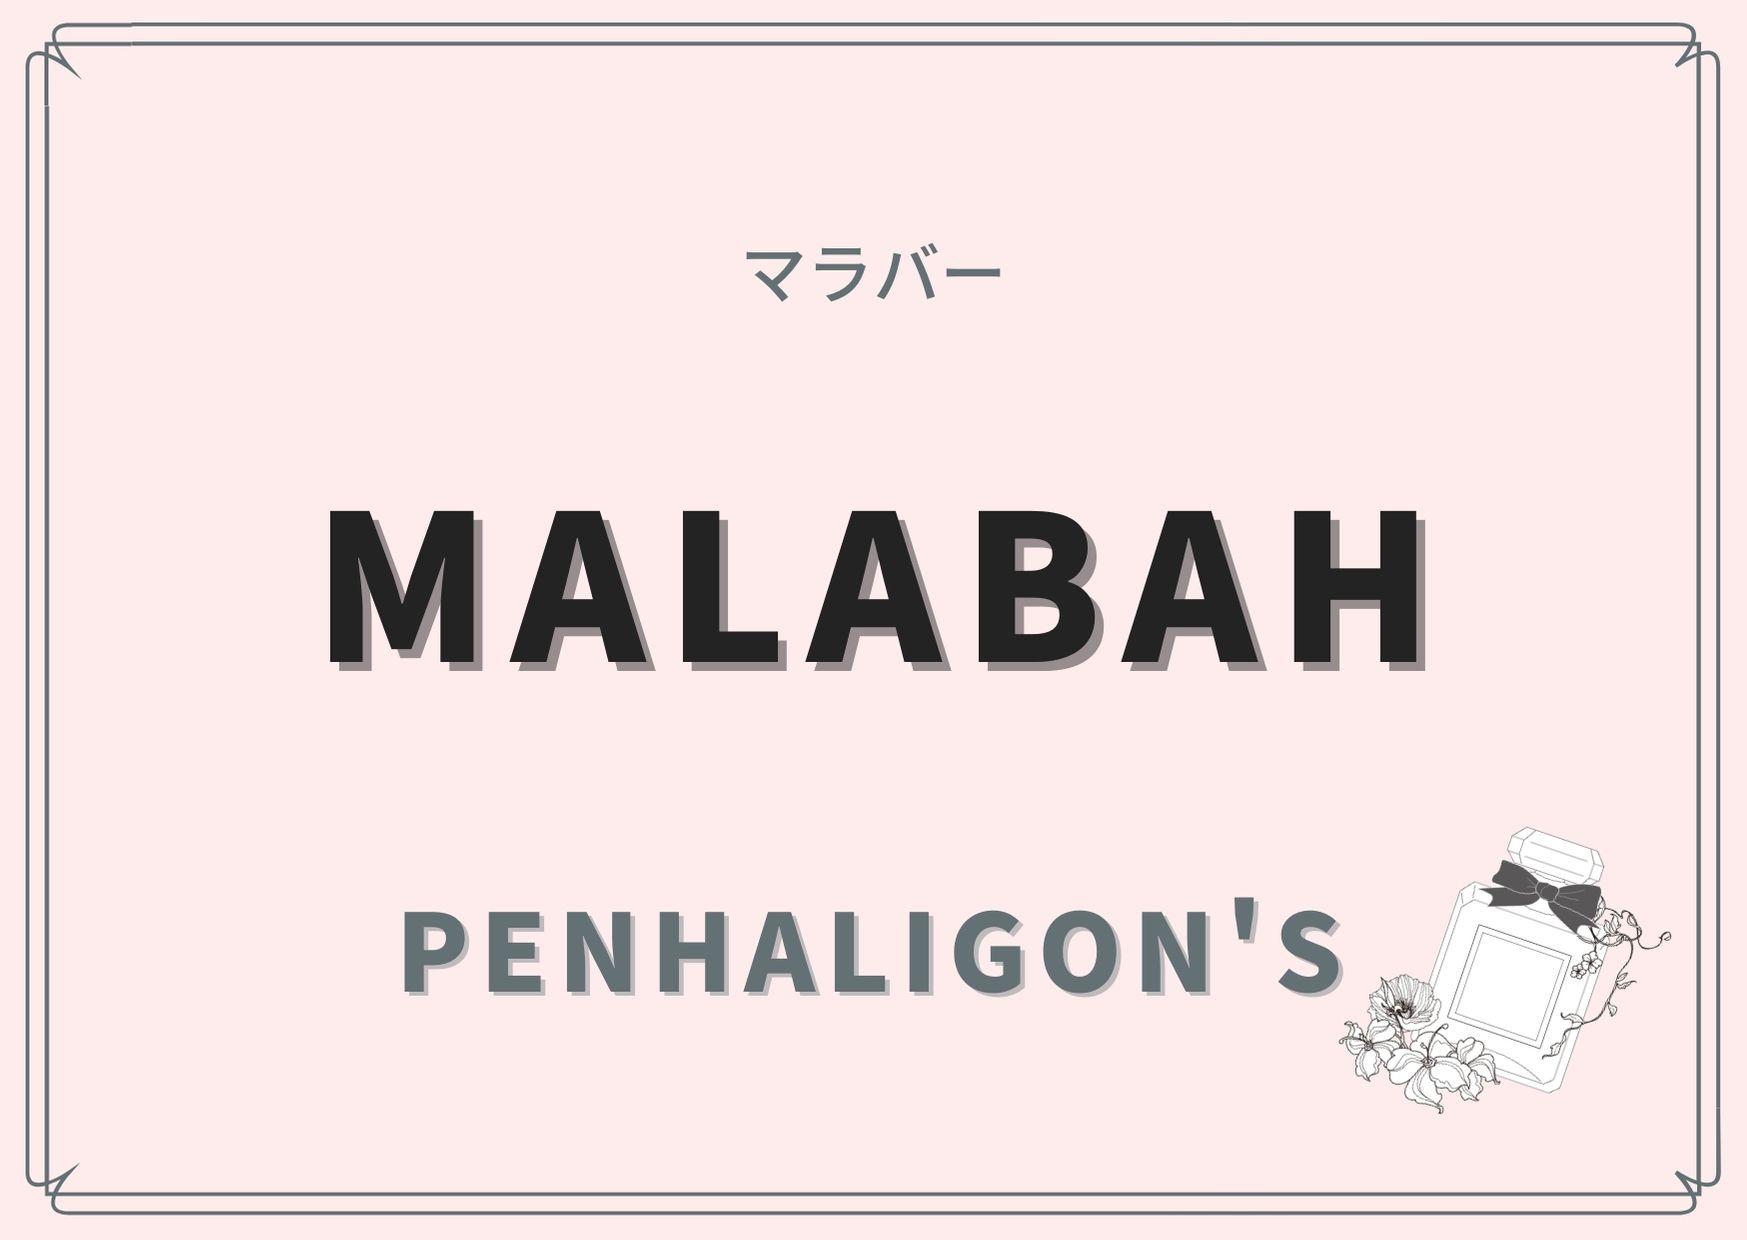 MALABAH(マラバー)/PENHALIGON'S(ペンハリガン)